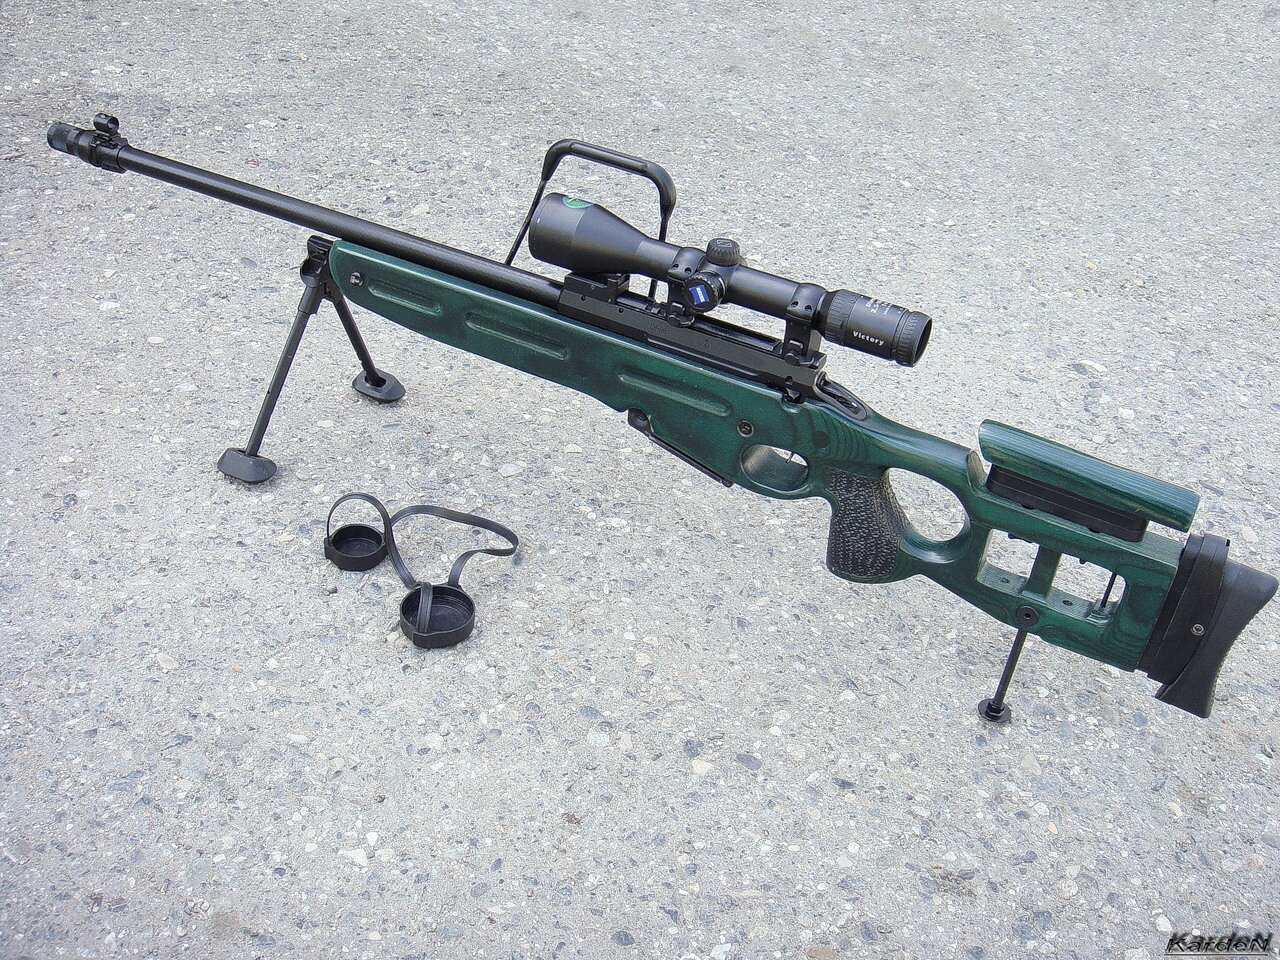 Эпоха стрелкового оружия начинается с появления пращи, прародительницы оружия стрелкового типа.